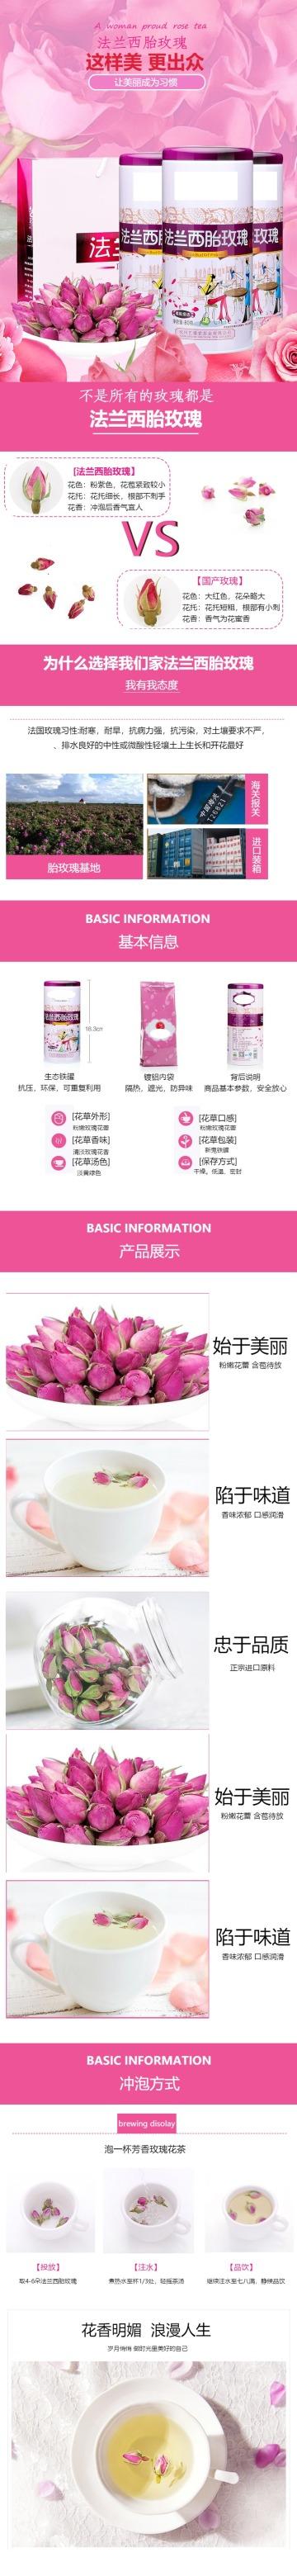 浪漫精致玫瑰花茶电商详情页